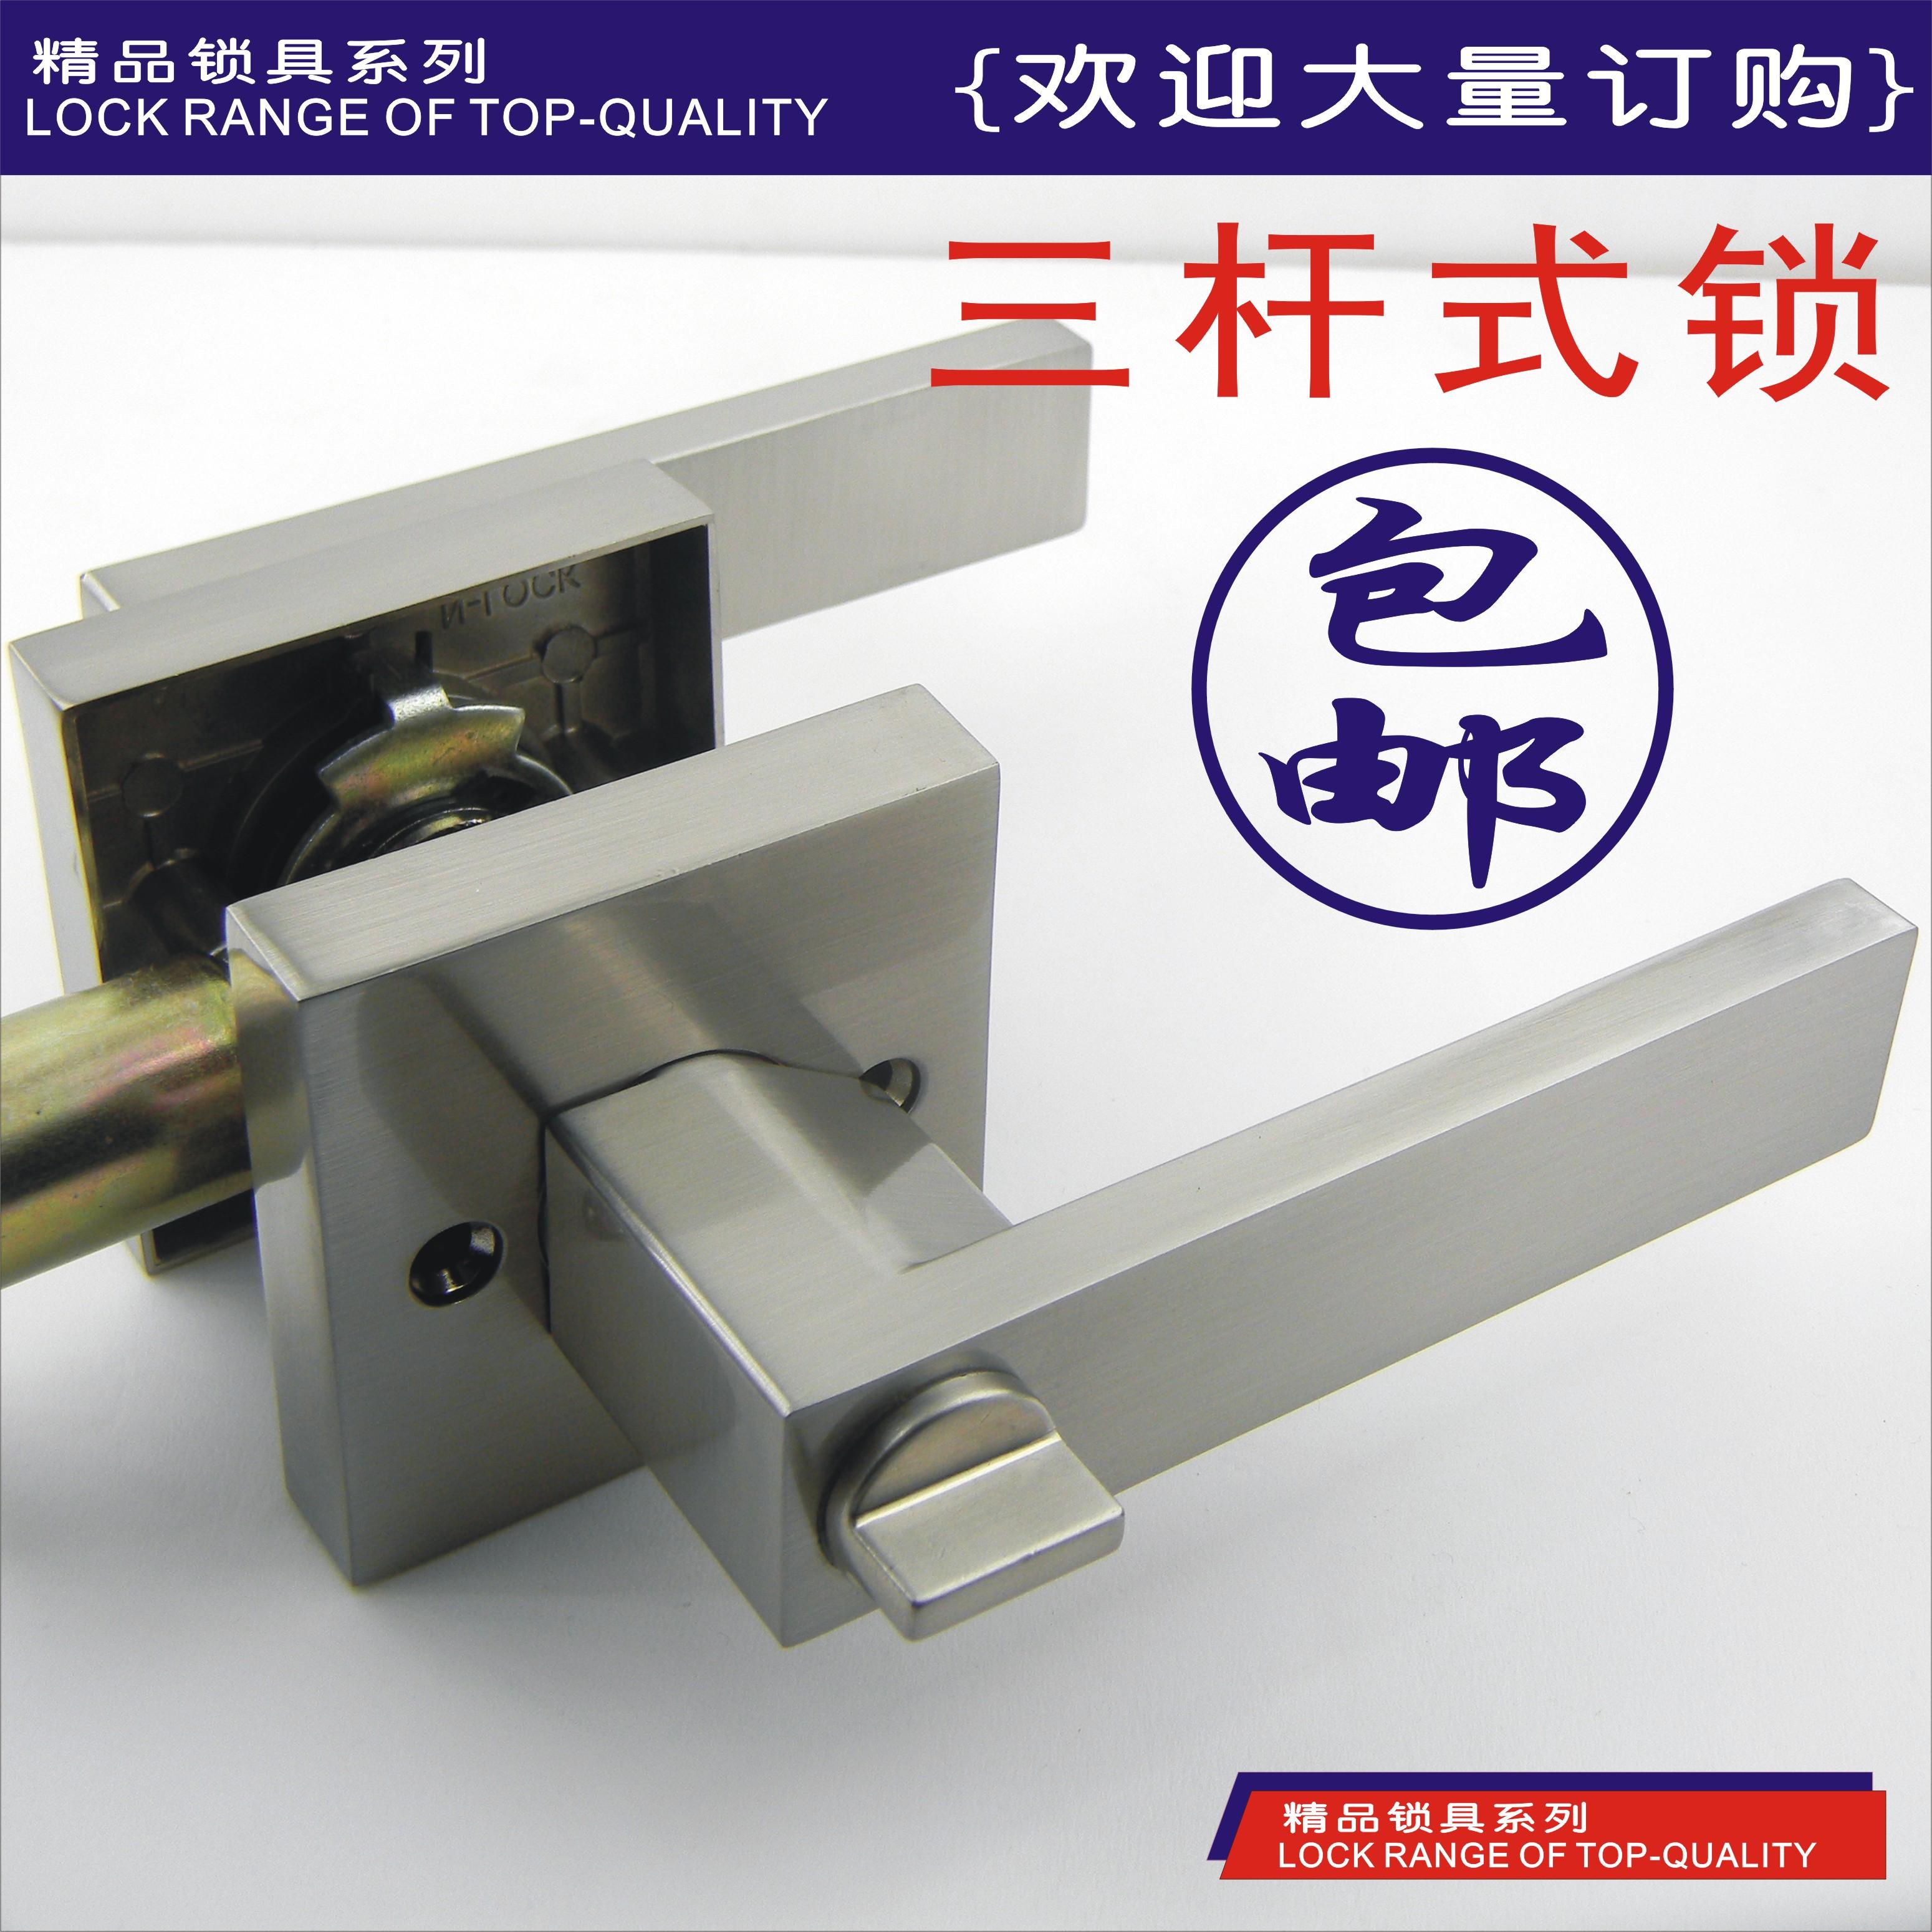 lukku. - uks lukku, kolme rod alumiiniumi sulamid, roostevabast terasest, ümmarguse värava lukku ukse sees.